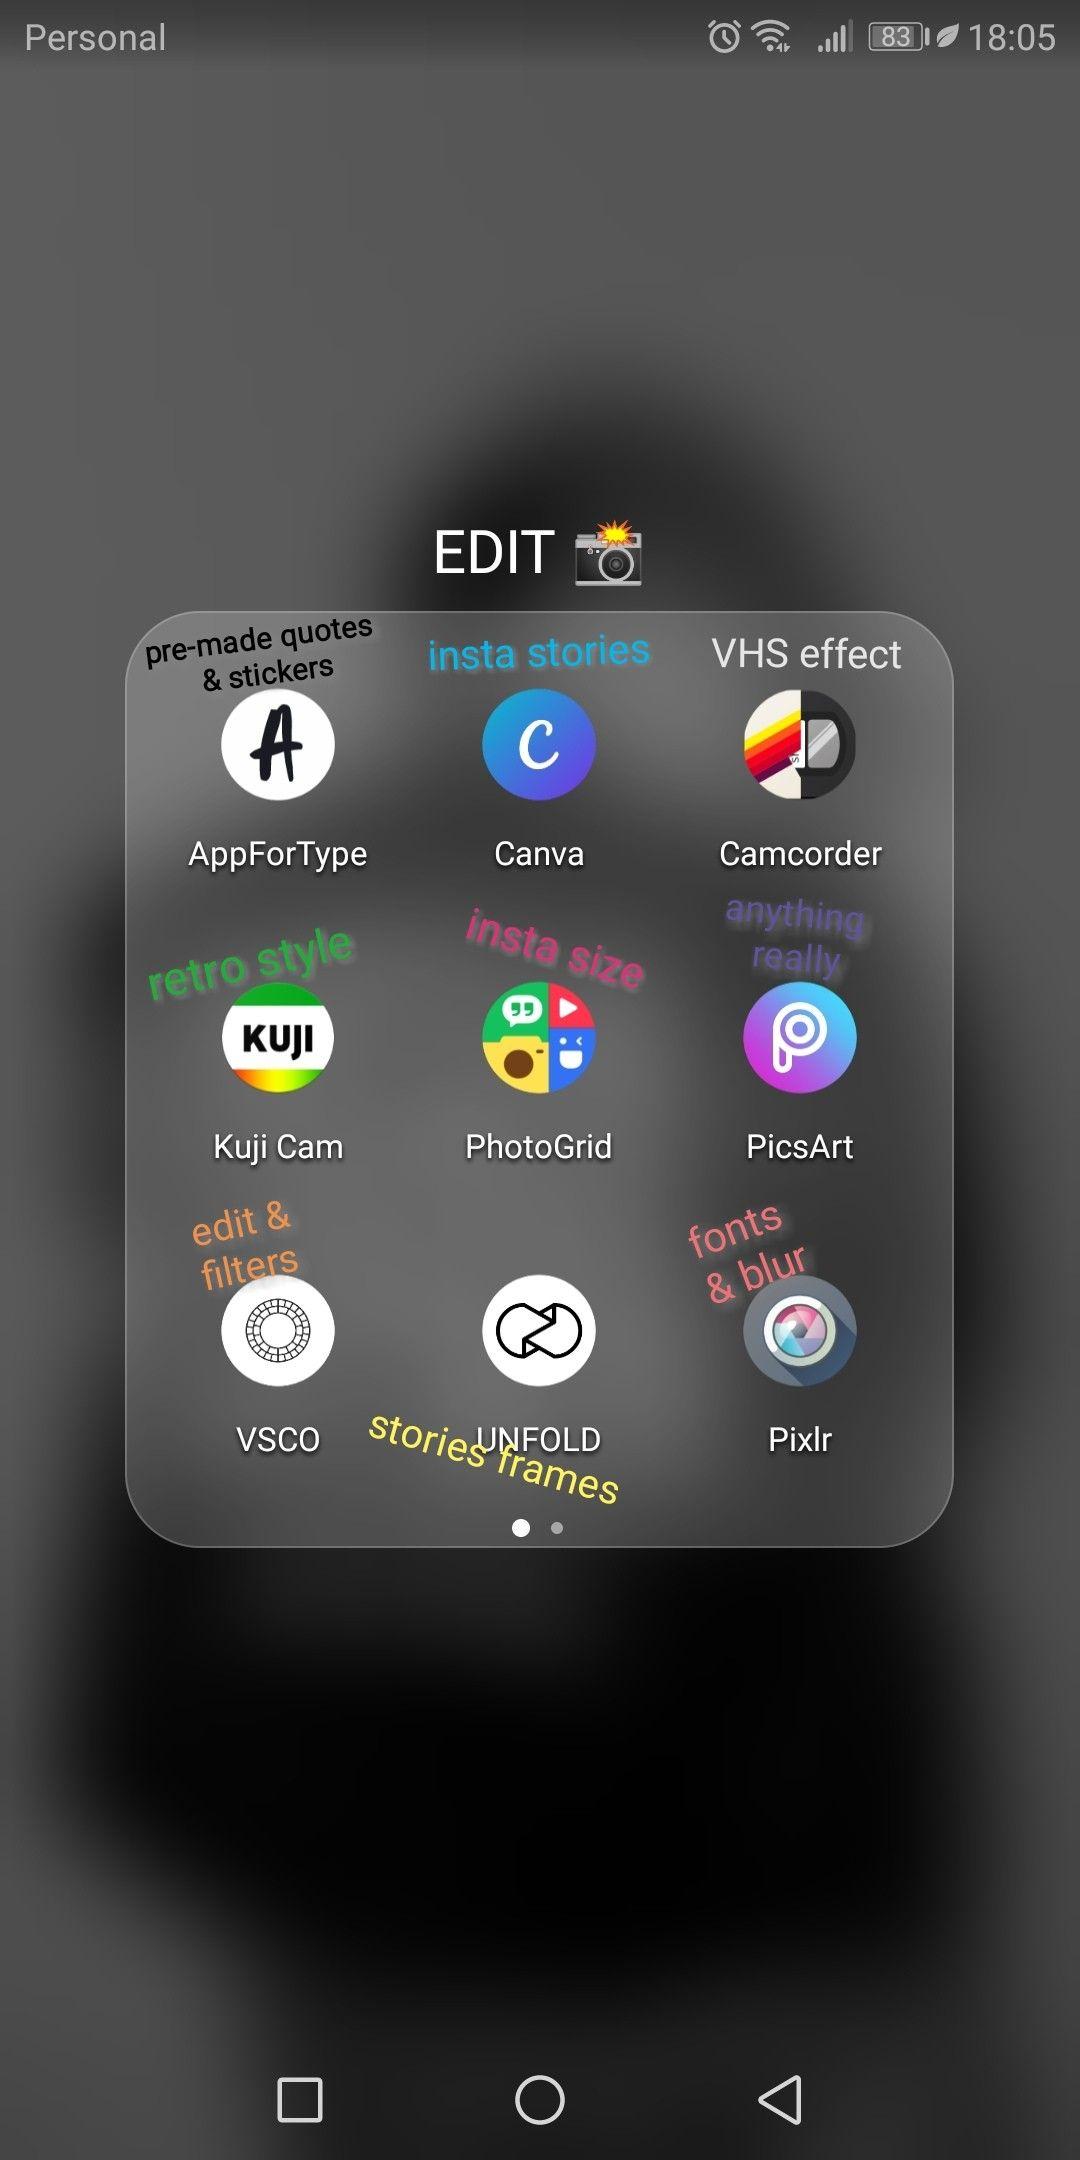 Pictures Photos Editing Apps Aplikasi Fotografi Pengeditan Foto